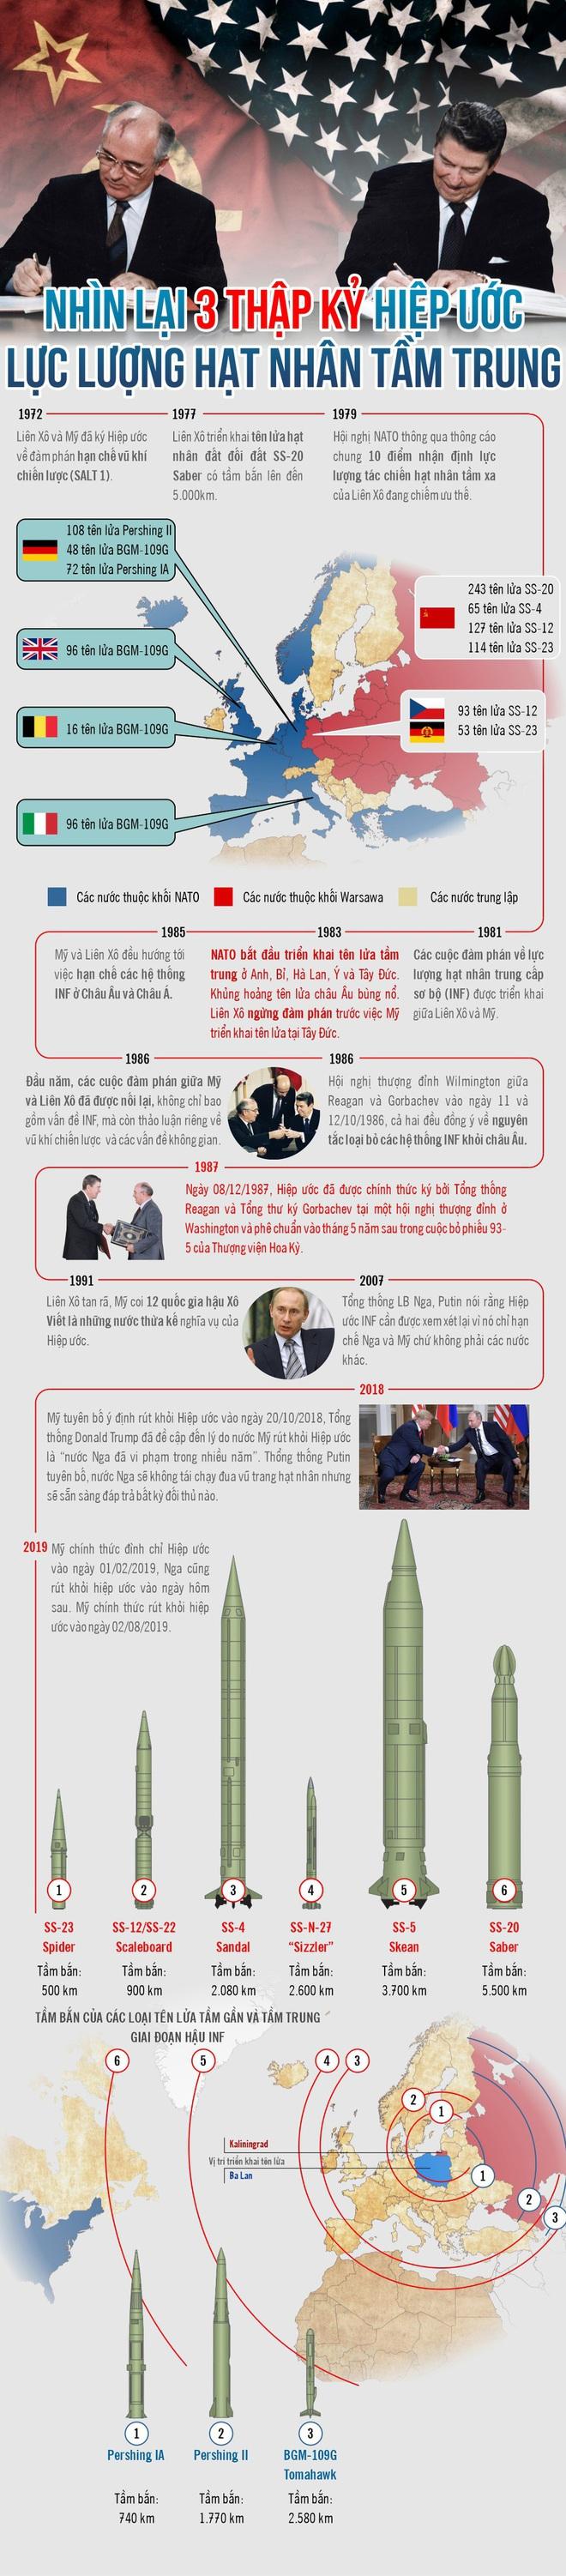 Infographic: Nhìn lại 3 thập kỷ Hiệp ước Lực lượng hạt nhân tầm trung - ảnh 1